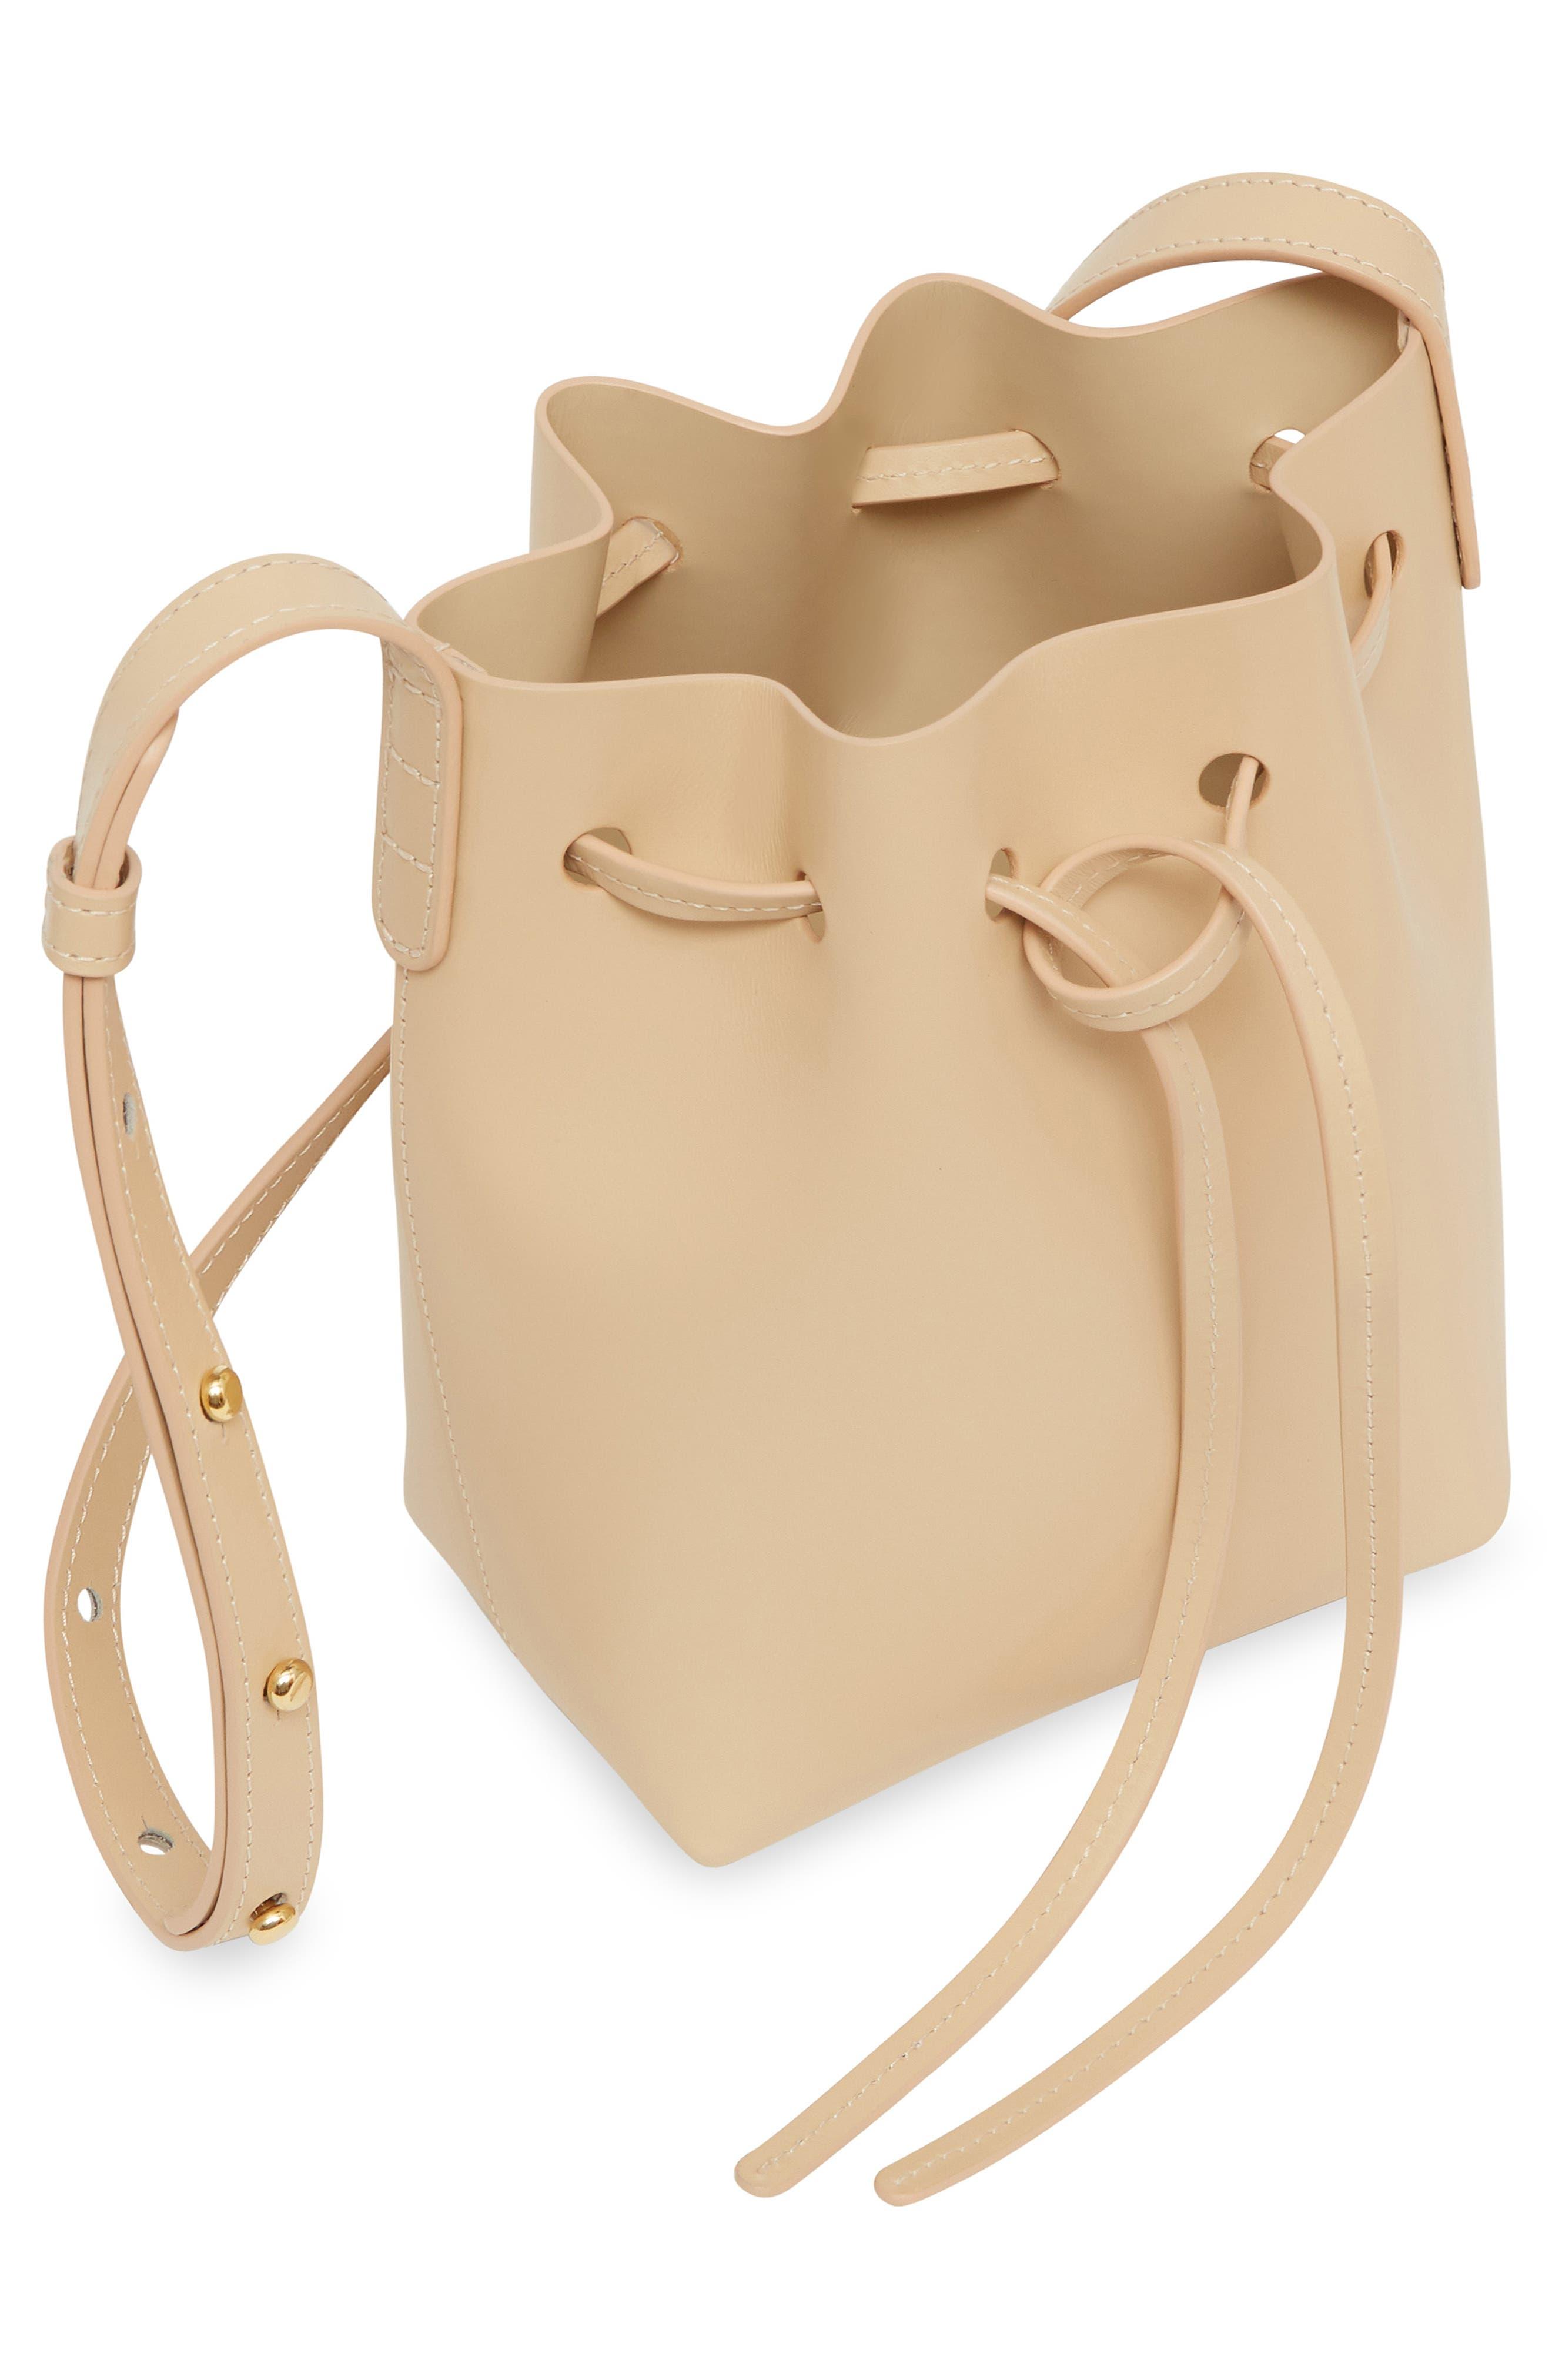 Mini Mini Leather Bucket Bag,                             Alternate thumbnail 2, color,                             NATURAL